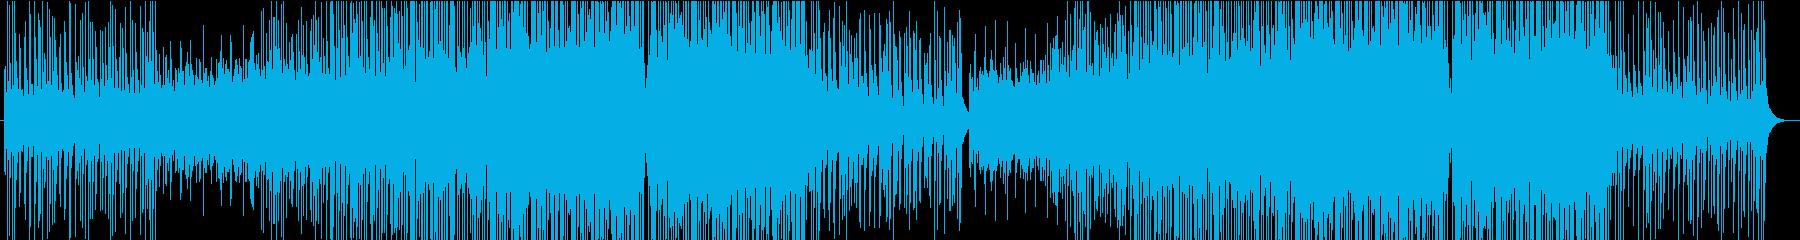 優しい風に乗せる口笛が心に響く楽曲の再生済みの波形